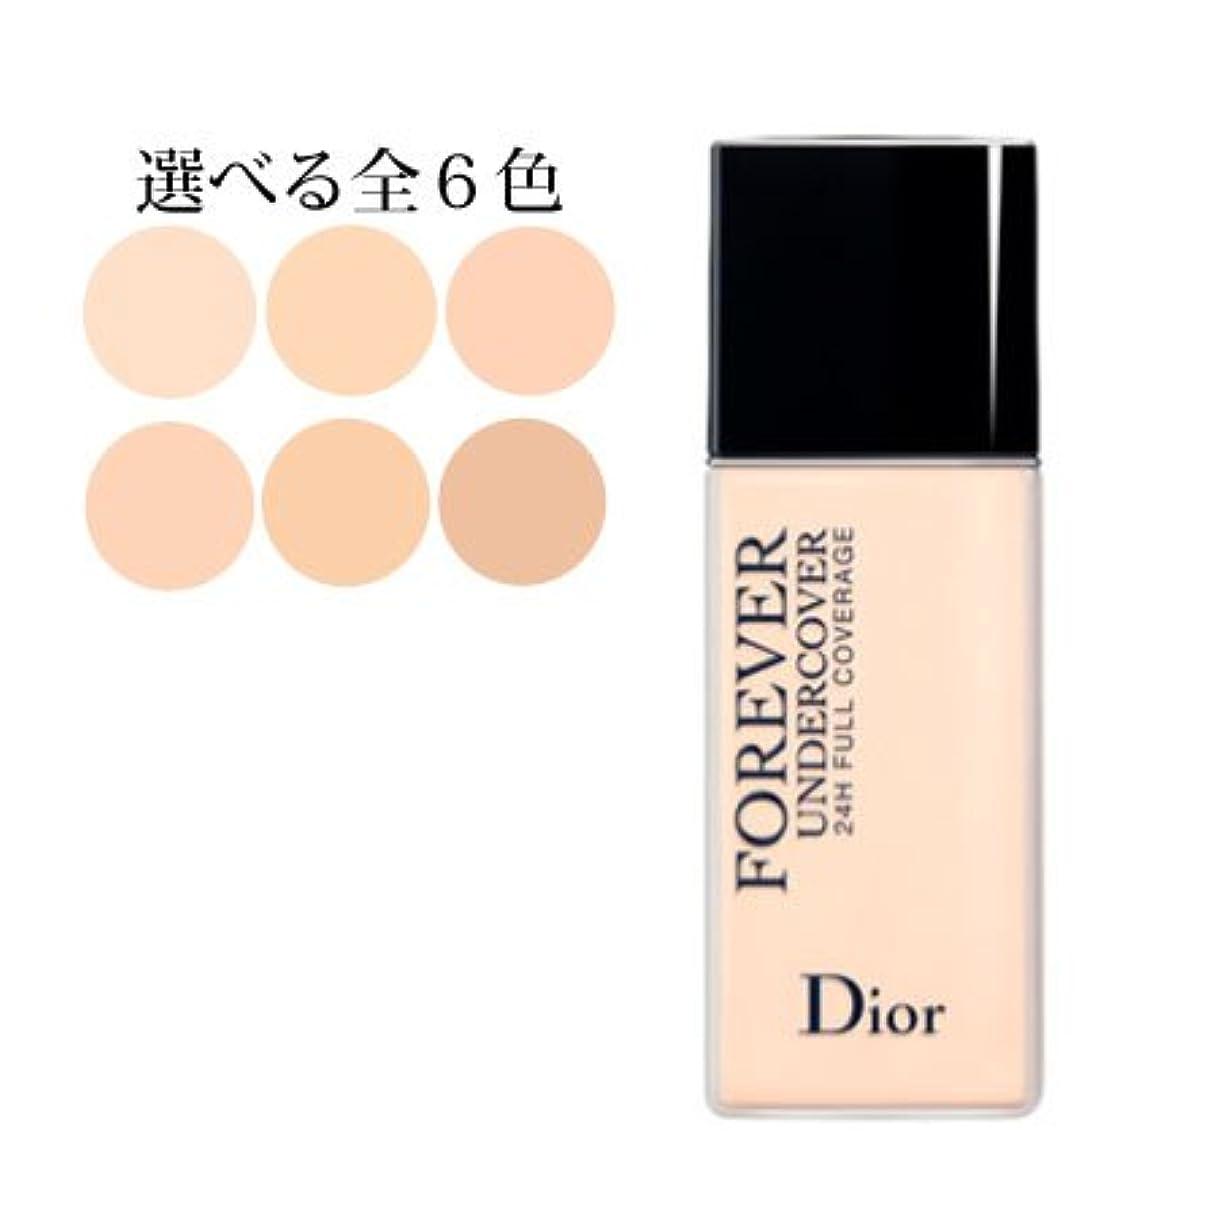 襲撃ライナー多様体ディオールスキン フォーエヴァー アンダーカバー 選べる6色 -Dior- 011